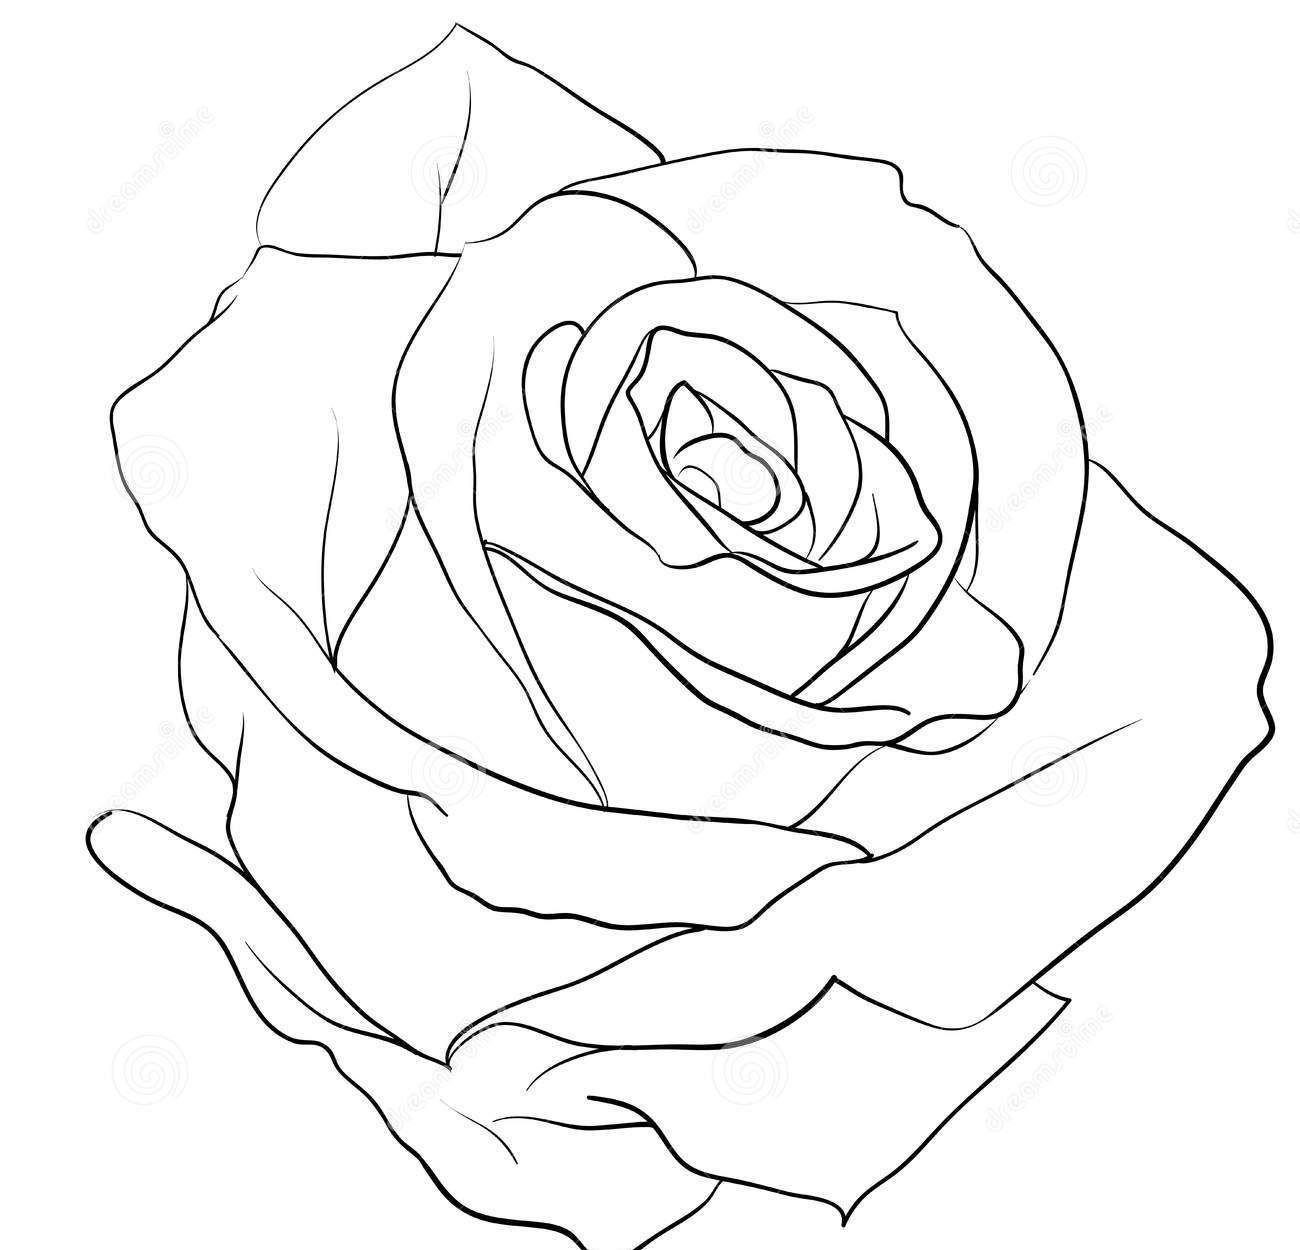 Ảnh vẽ hoa hồng bằng bút chì cực đẹp